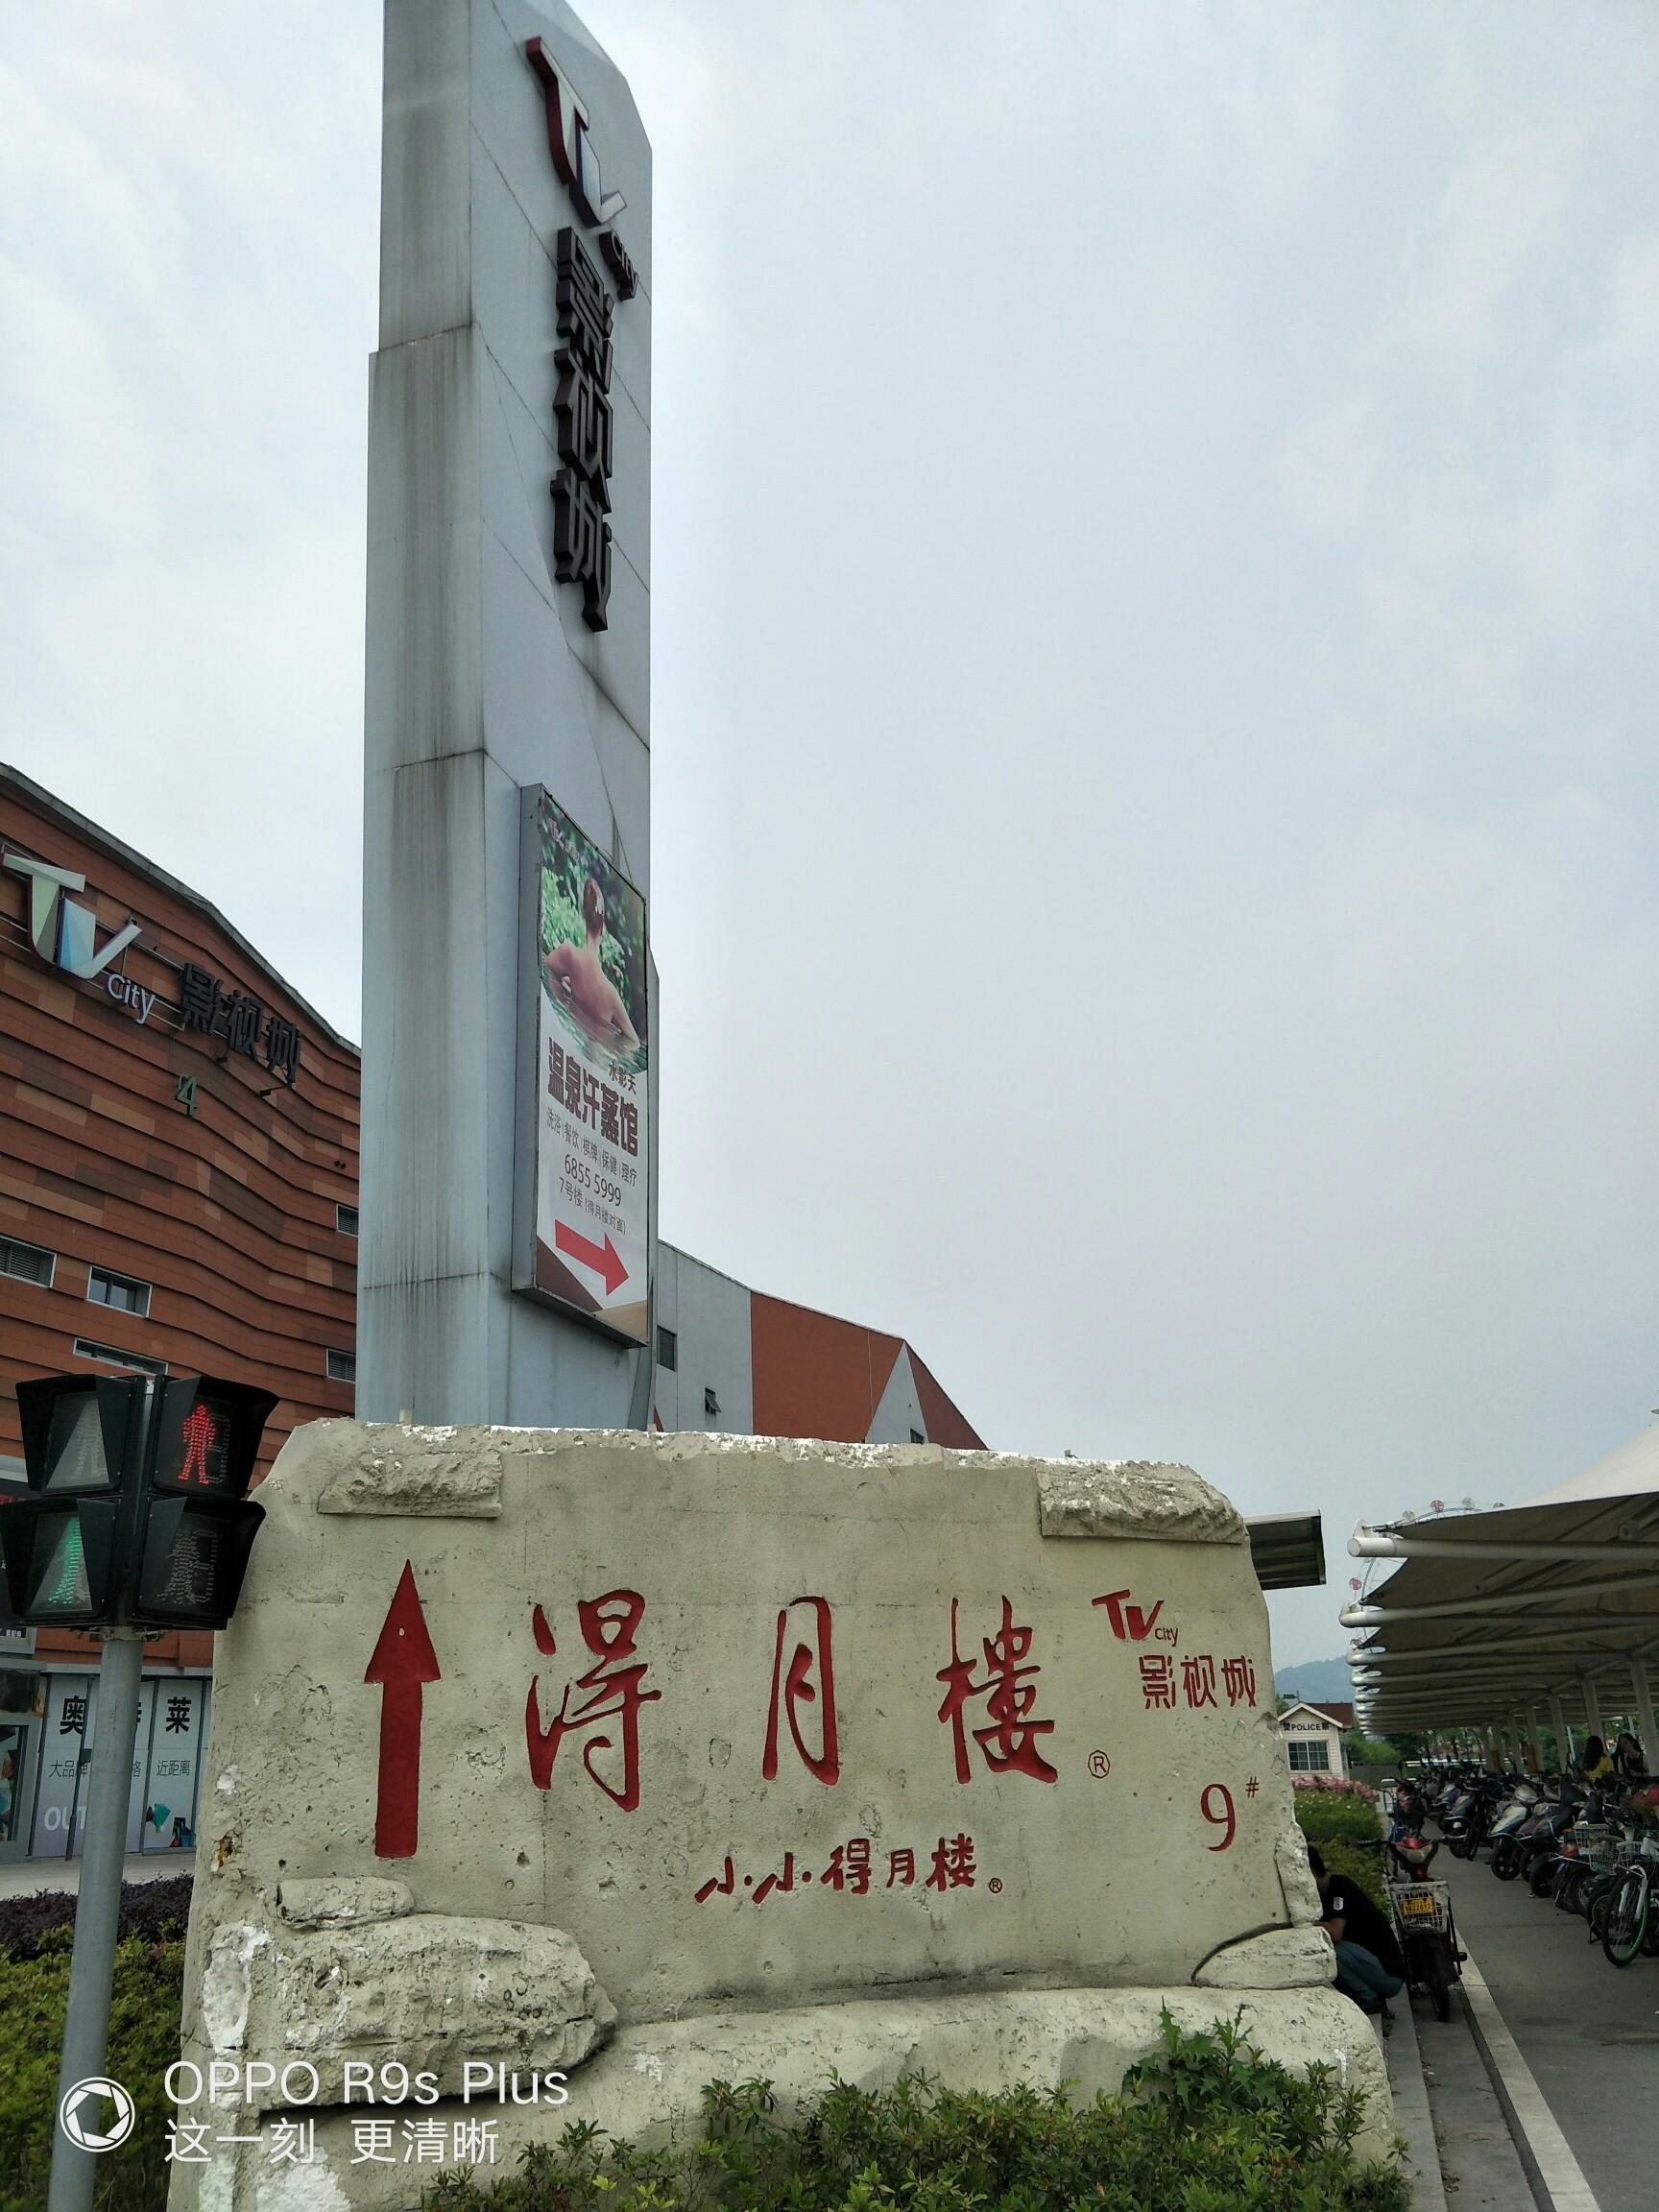 木渎沈巷站地图